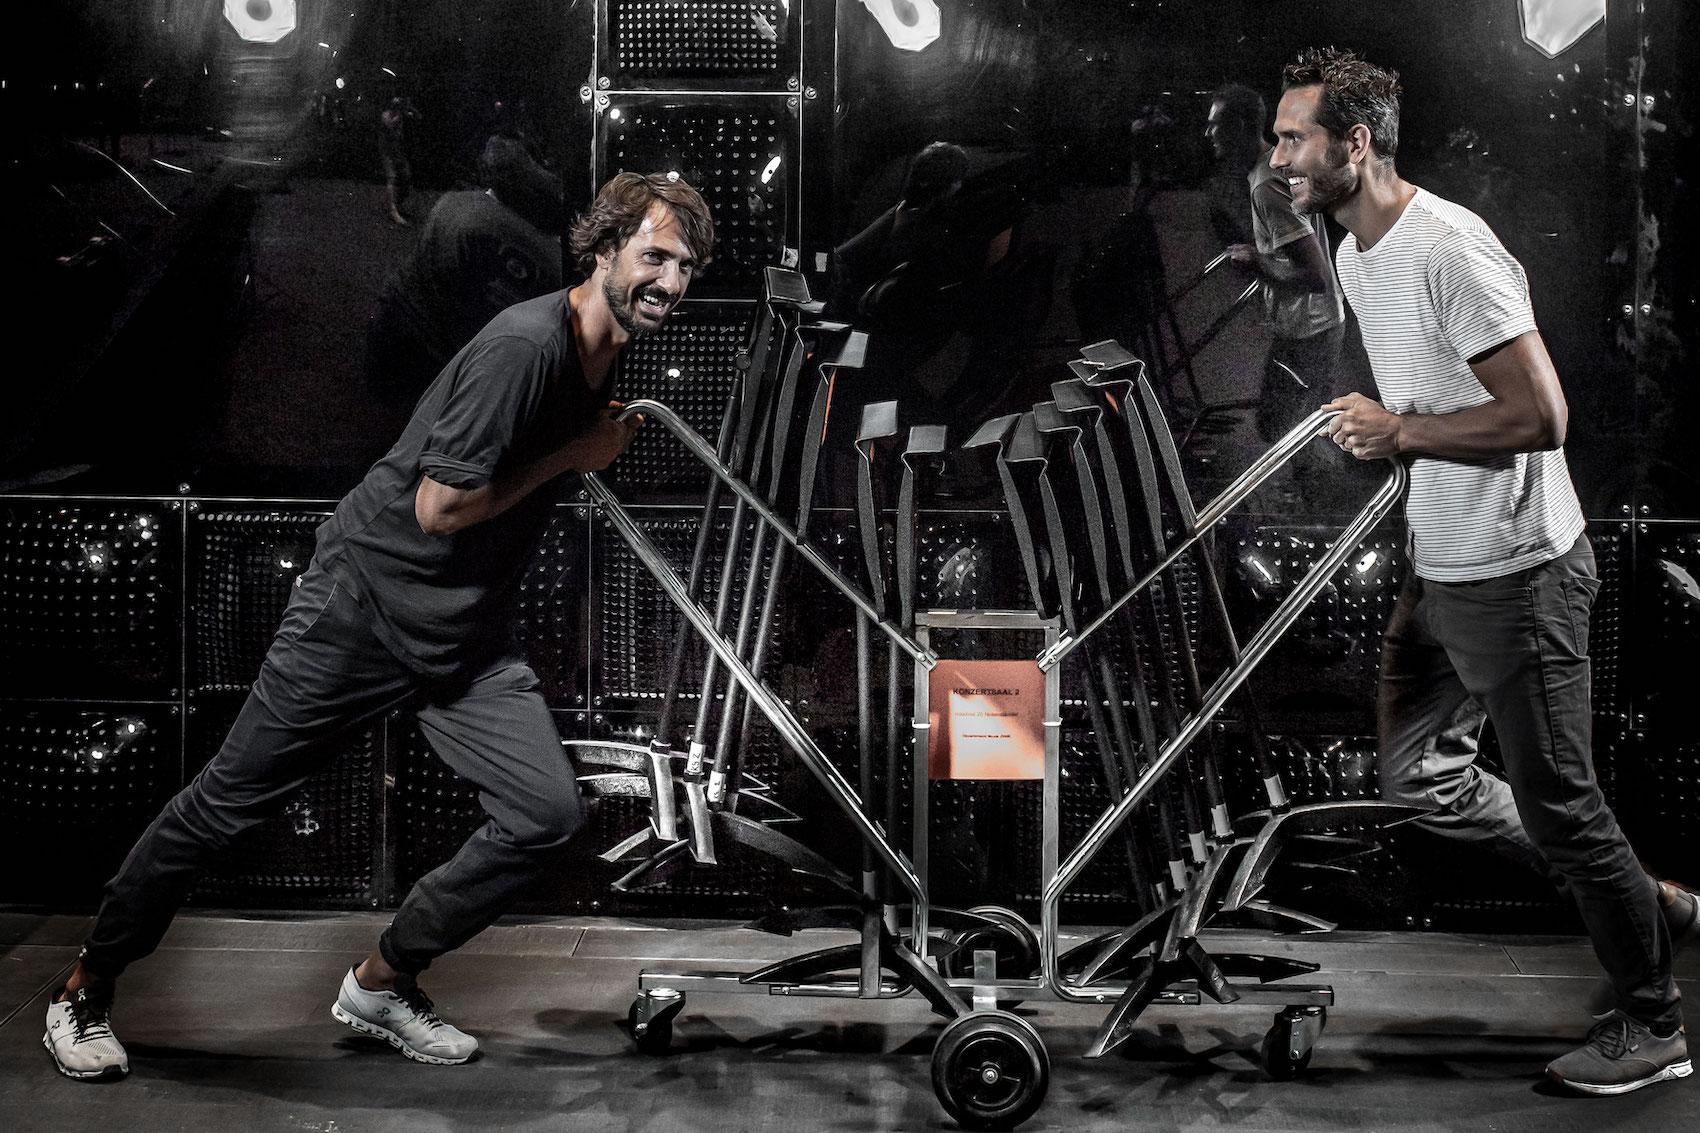 Le cofondateur d'On, Caspar Coppetti (à g.) et celui de Digitec Galaxus,Florian Teuteberg sont des entrepreneurs de l'ère numérique couronnés de succès.